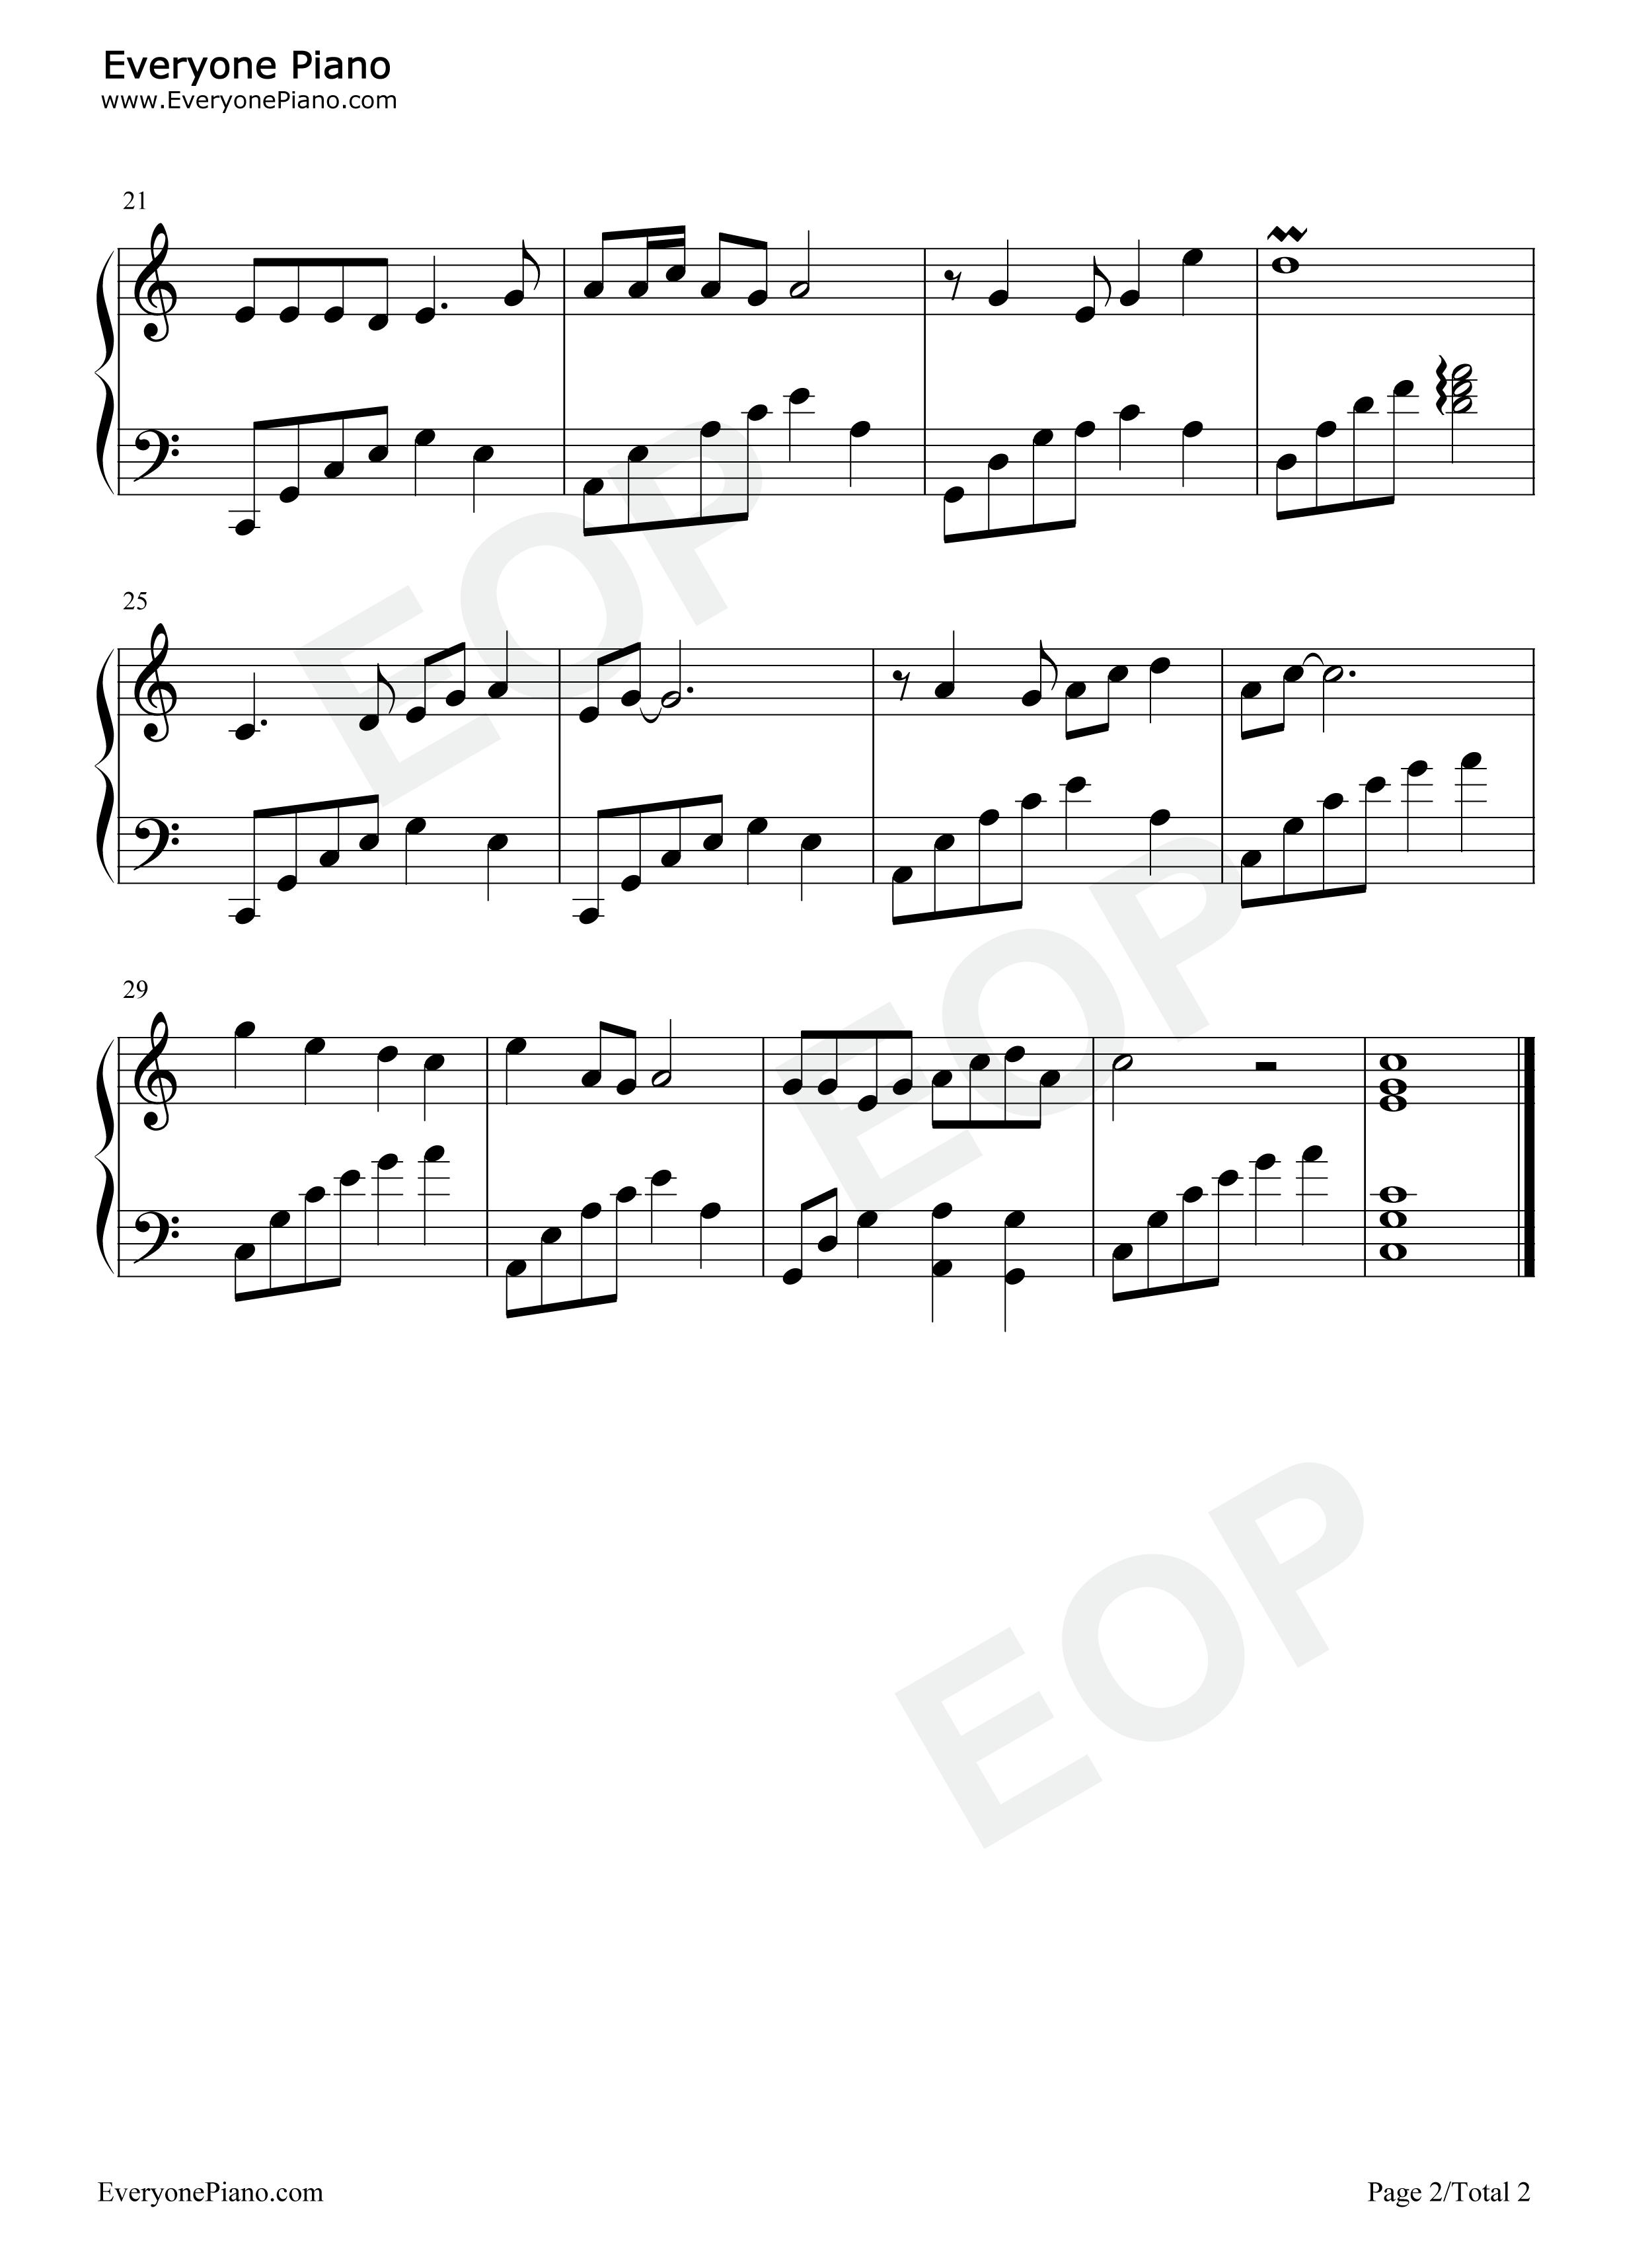 钢琴曲谱 流行 相见在明天 相见在明天五线谱预览2  }  仅供学习交流